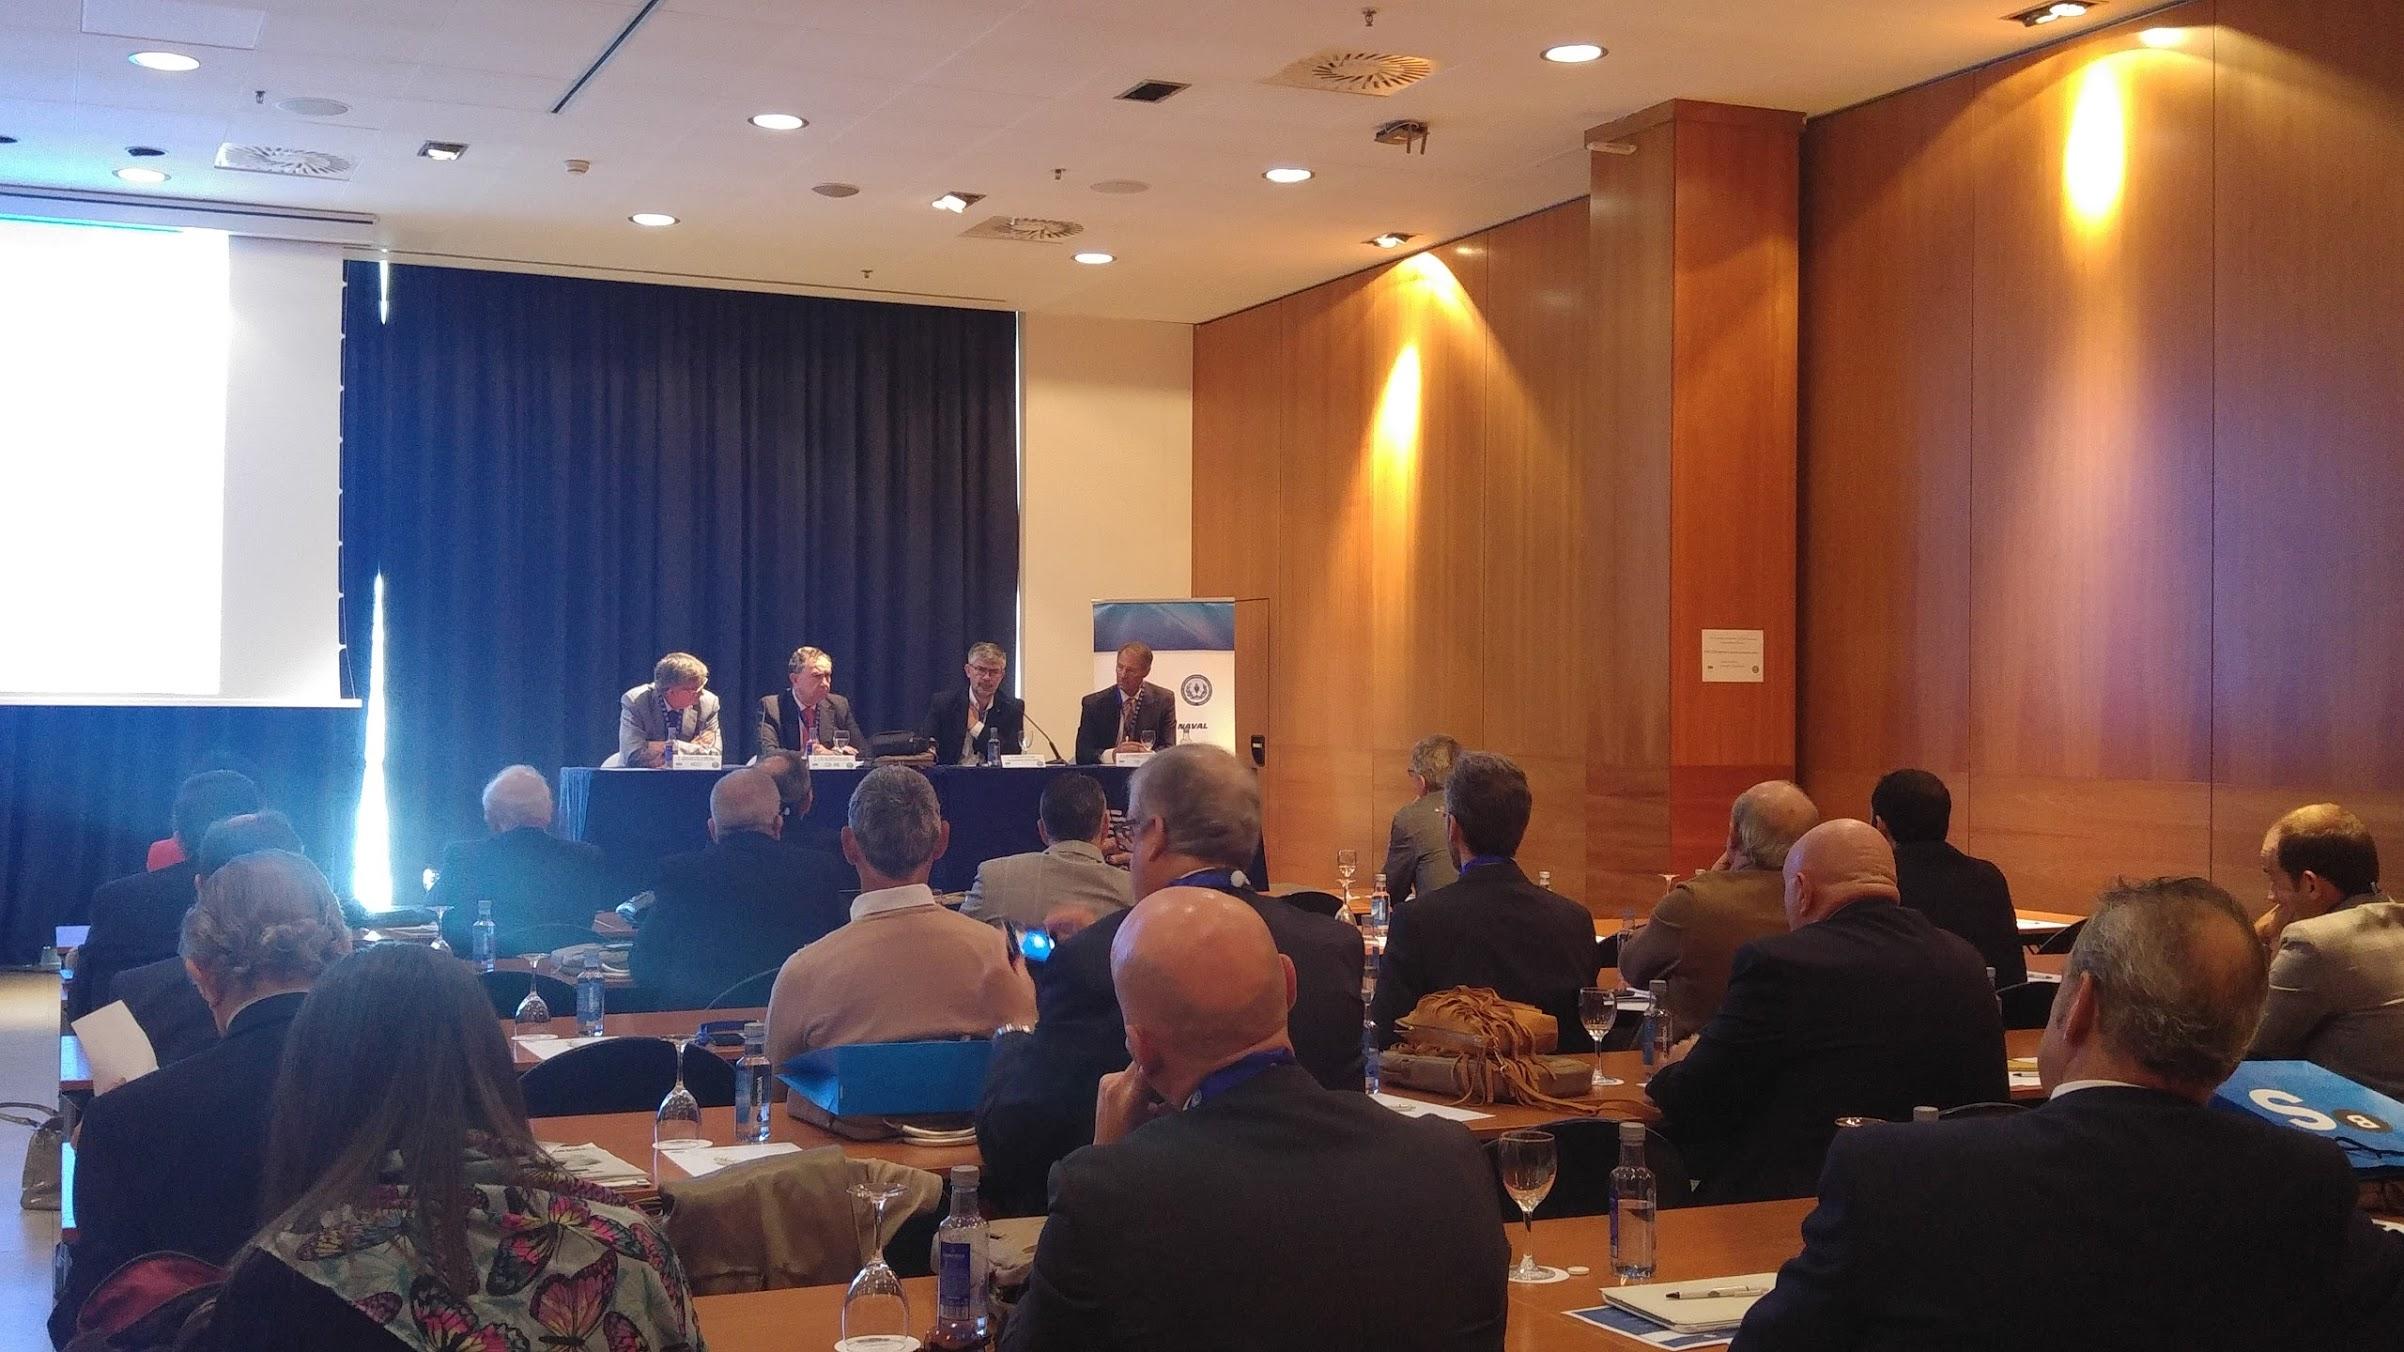 Sesión inaugural del 55º Congreso de la Asociación de Ingenieros Navales y Oceánicos de España